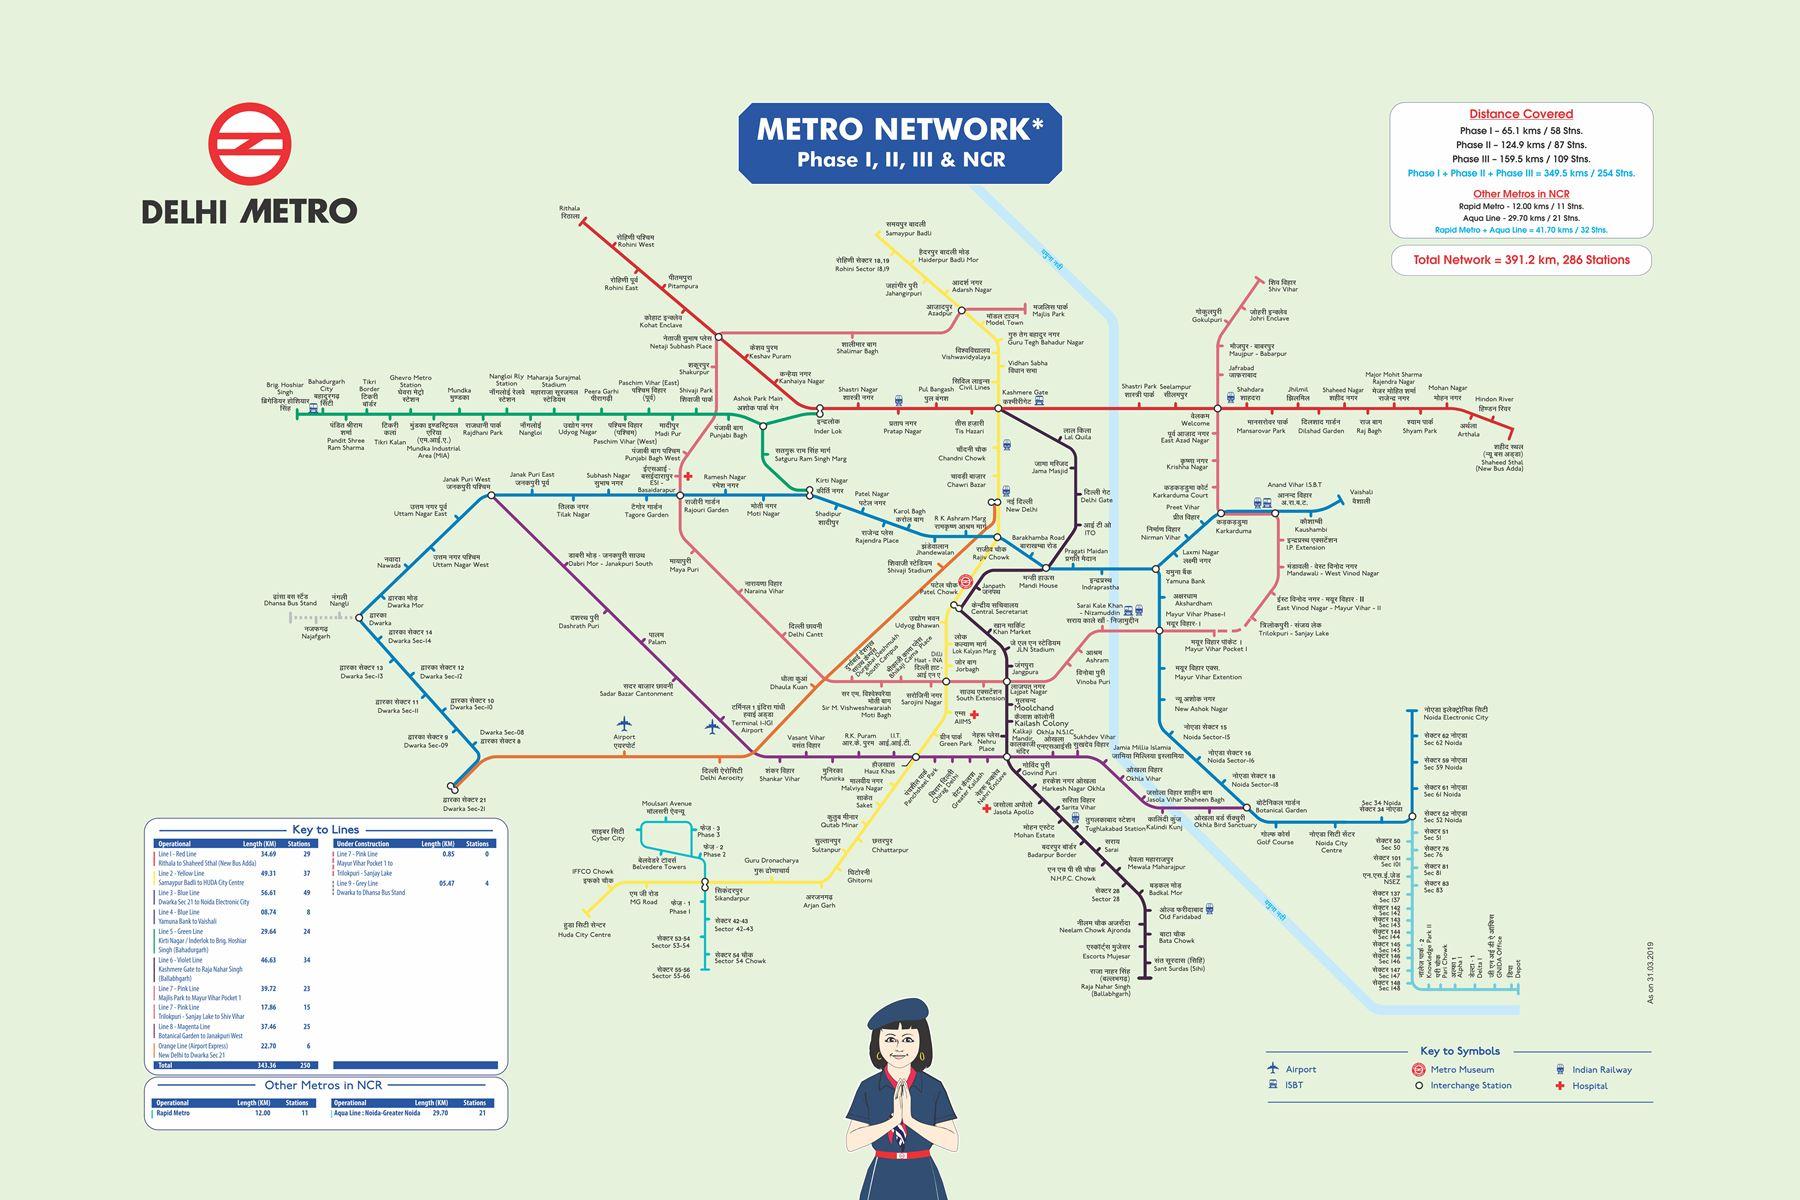 Схема метро Нью-Дели